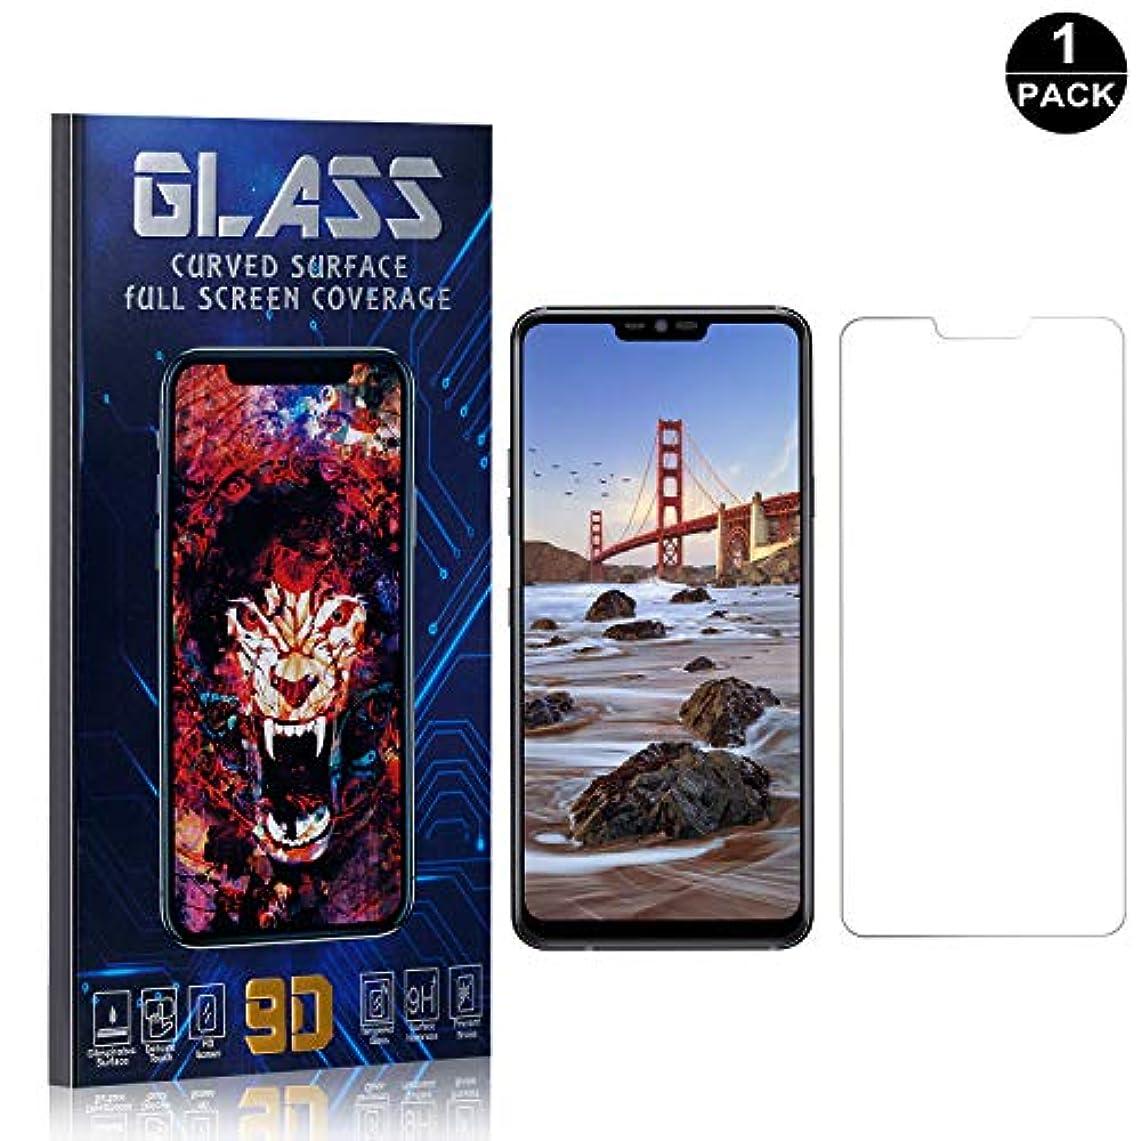 においネット限られた【1枚セット】 LG G7 ThinQ 超薄 フィルム CUNUS LG G7 ThinQ 専用設計 硬度9H 耐衝撃 強化ガラスフィルム 気泡防止 飛散防止 超薄0.26mm 高透明度で 液晶保護フィルム